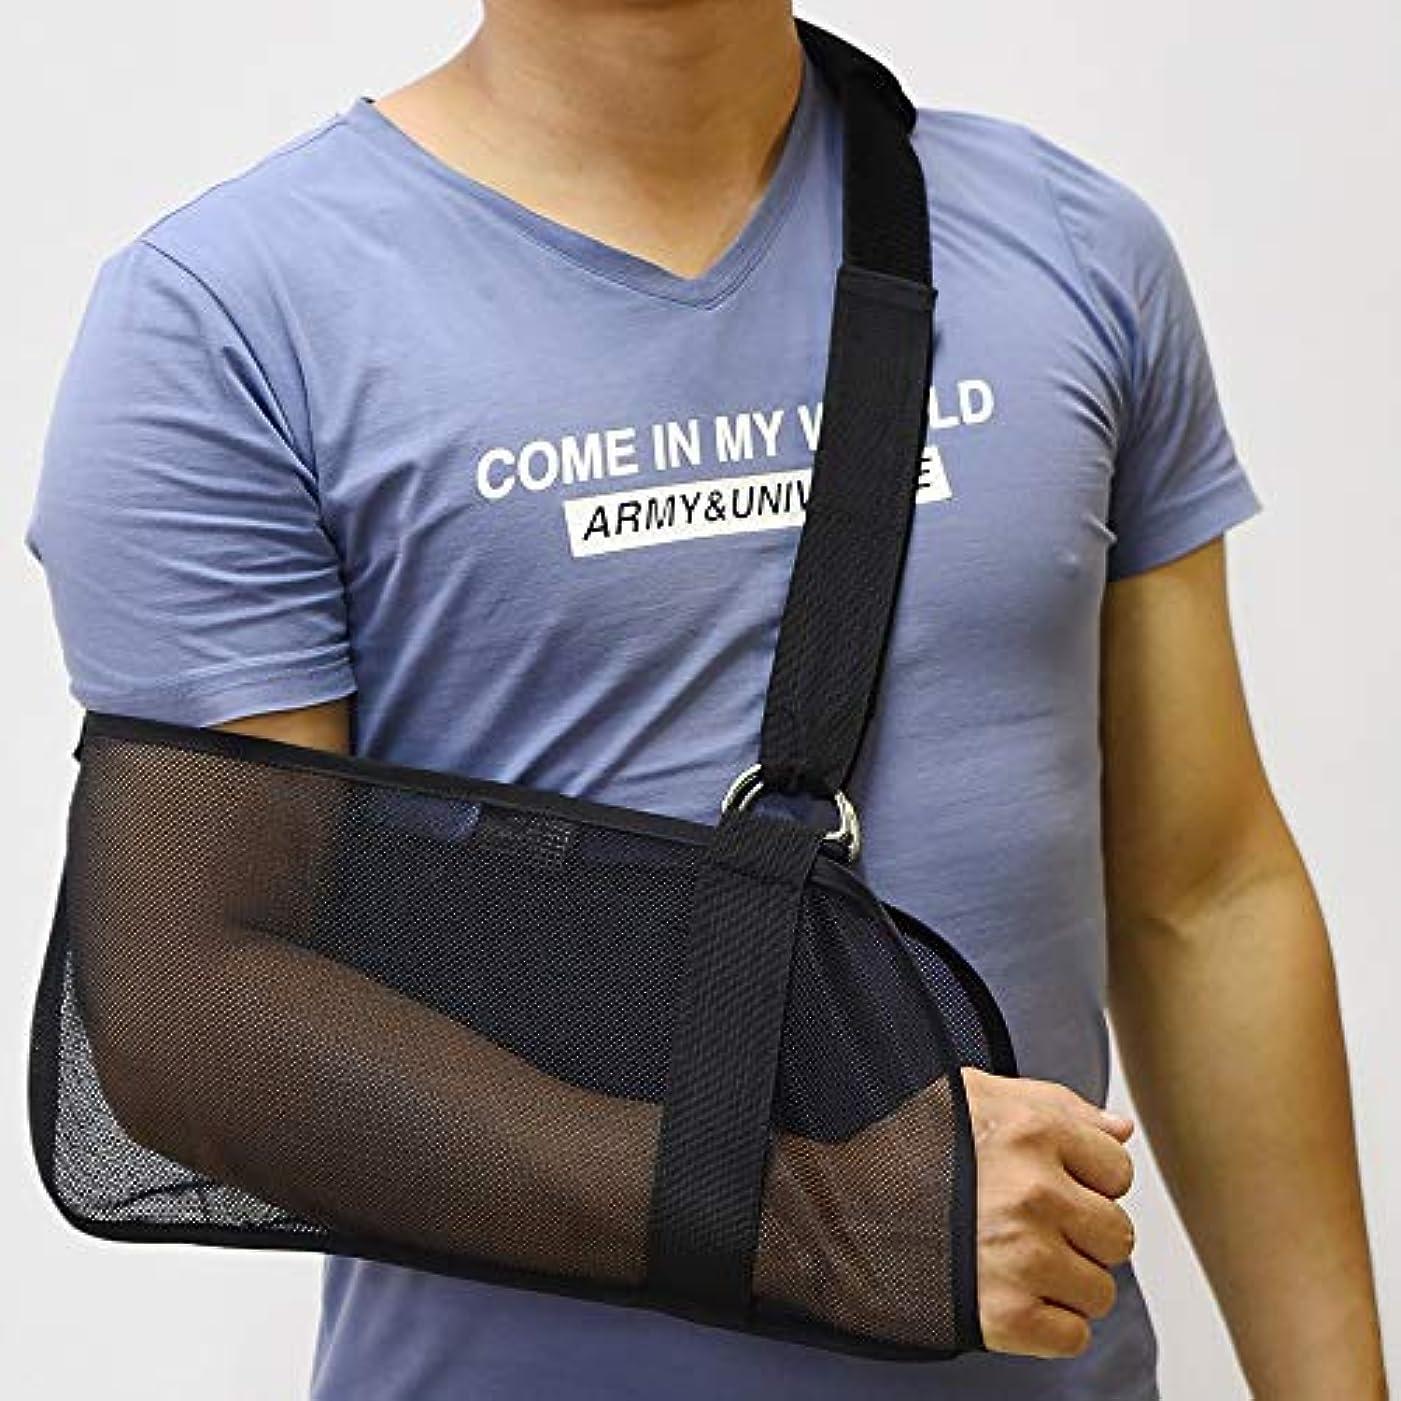 フレットマーカーシールドZYL-YL アームスリング肘関節固定装具をハンギング前腕スリング腕の骨折固定ベルトサマーメッシュ通気性 (色 : 黒)